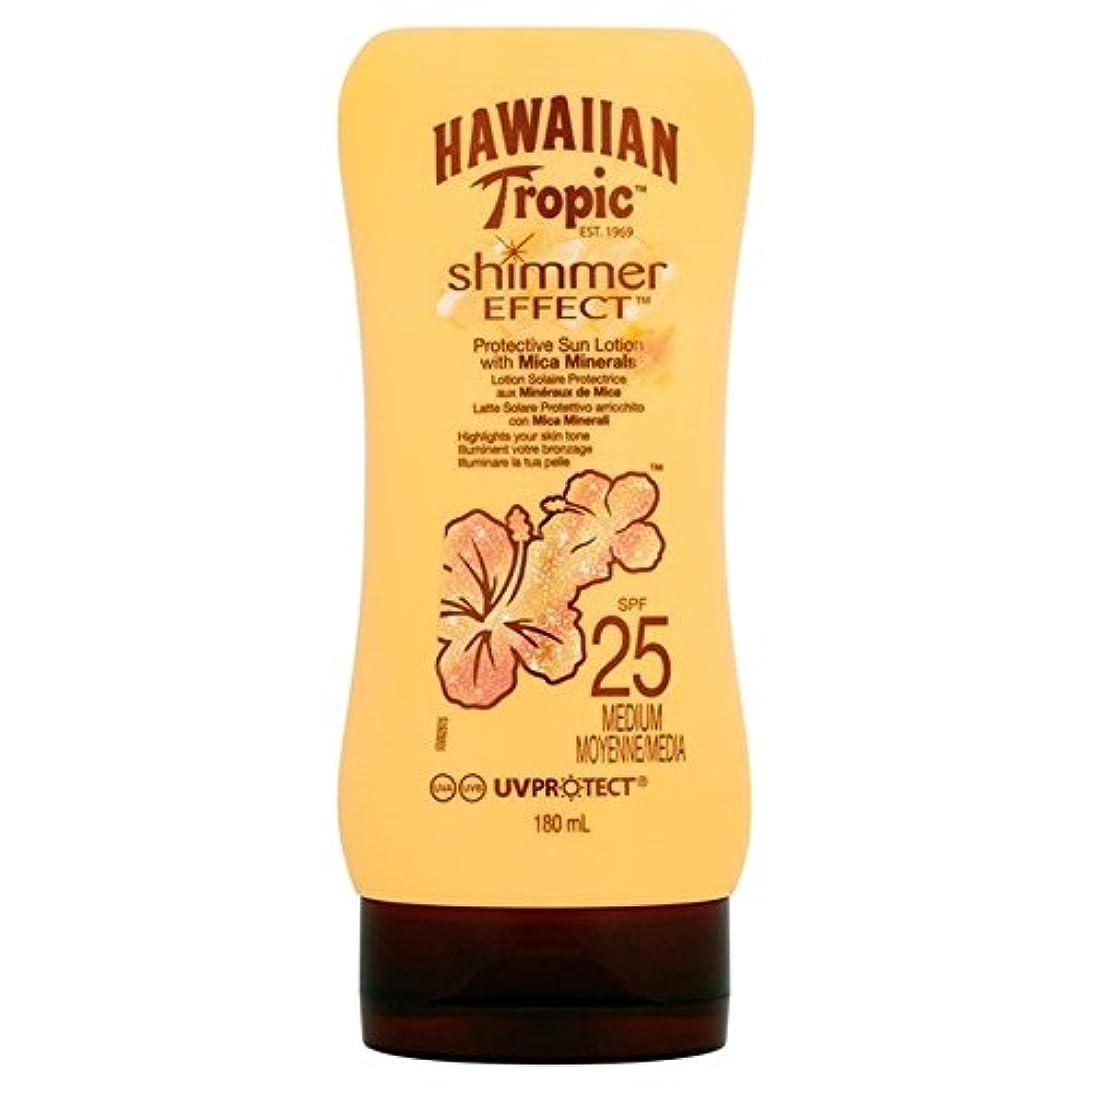 引き出しヒギンズ放課後南国ハワイシルクきらめき効果の日焼け止めクリーム 25 180ミリリットル x4 - Hawaiian Tropic Silk Shimmer Effect Sun Cream SPF 25 180ml (Pack of 4) [並行輸入品]